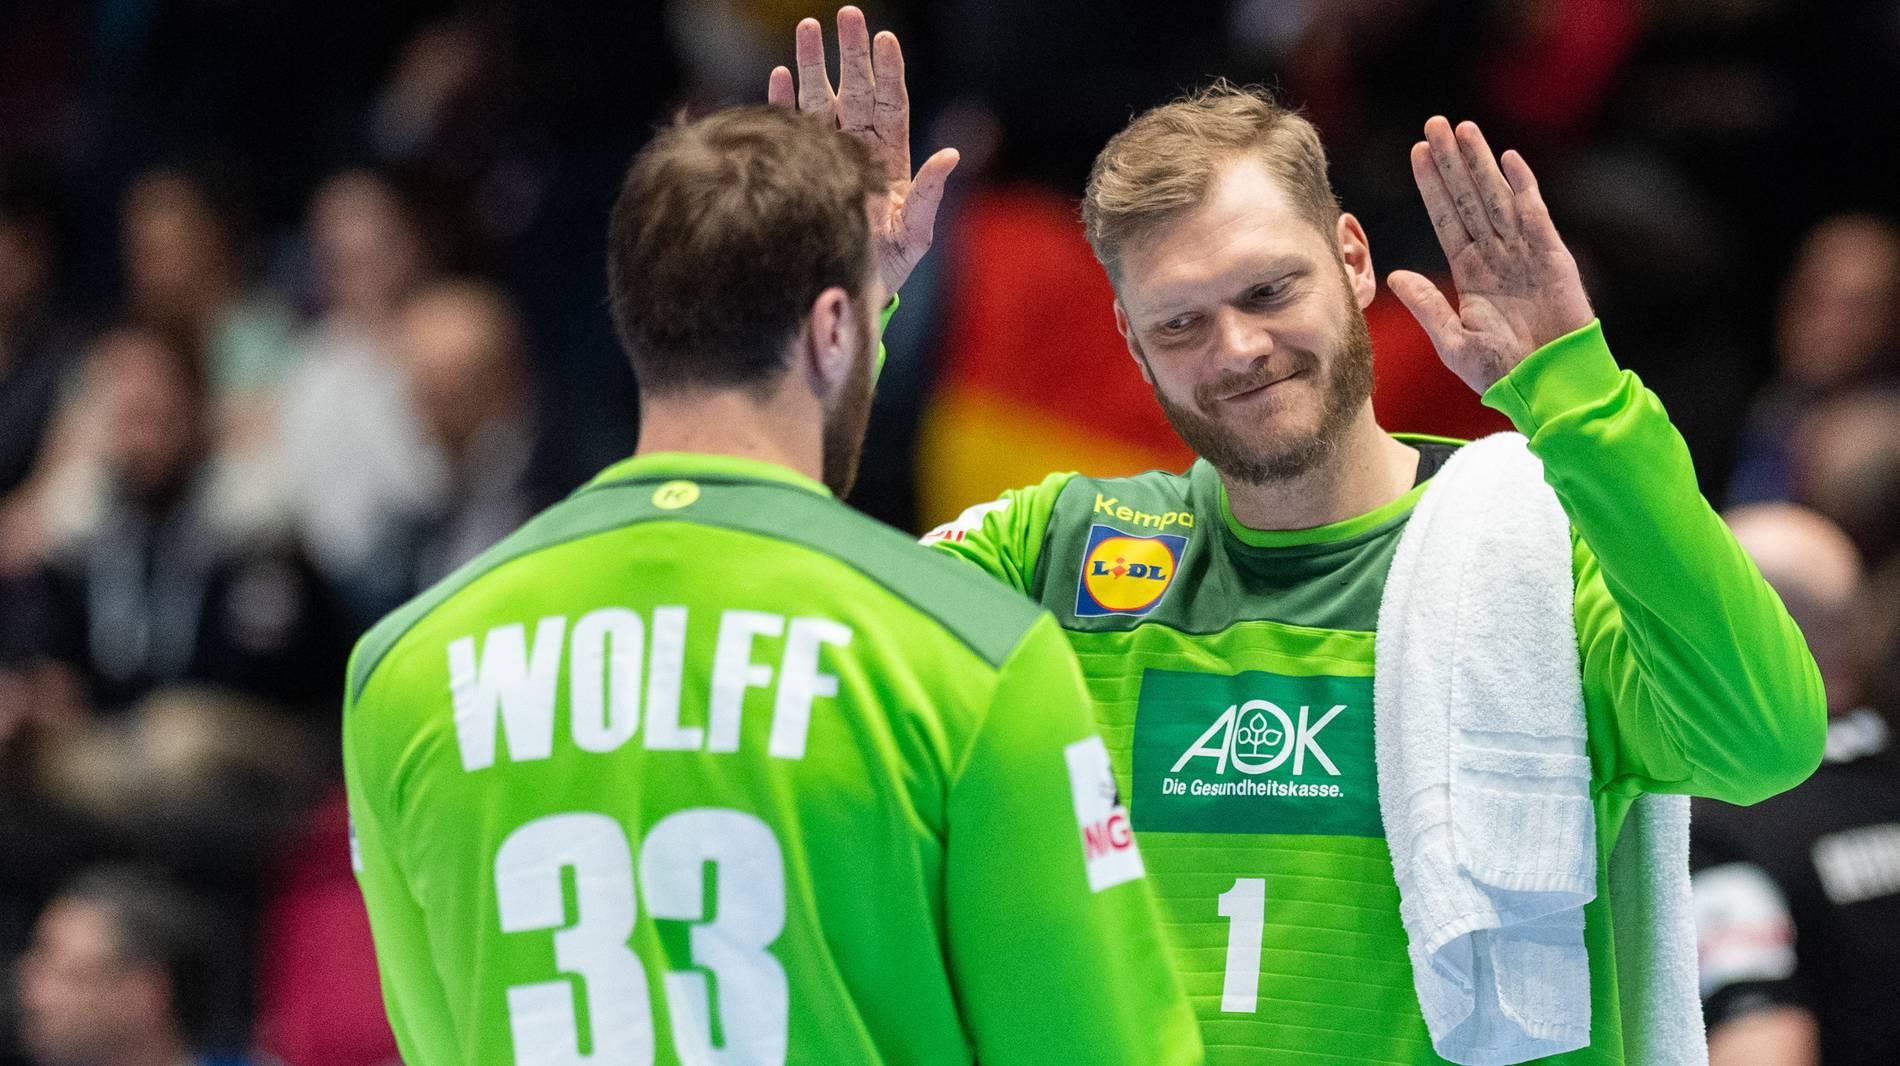 Handball Em 2020 Torhuter Krise Bei Deutschen Handballern